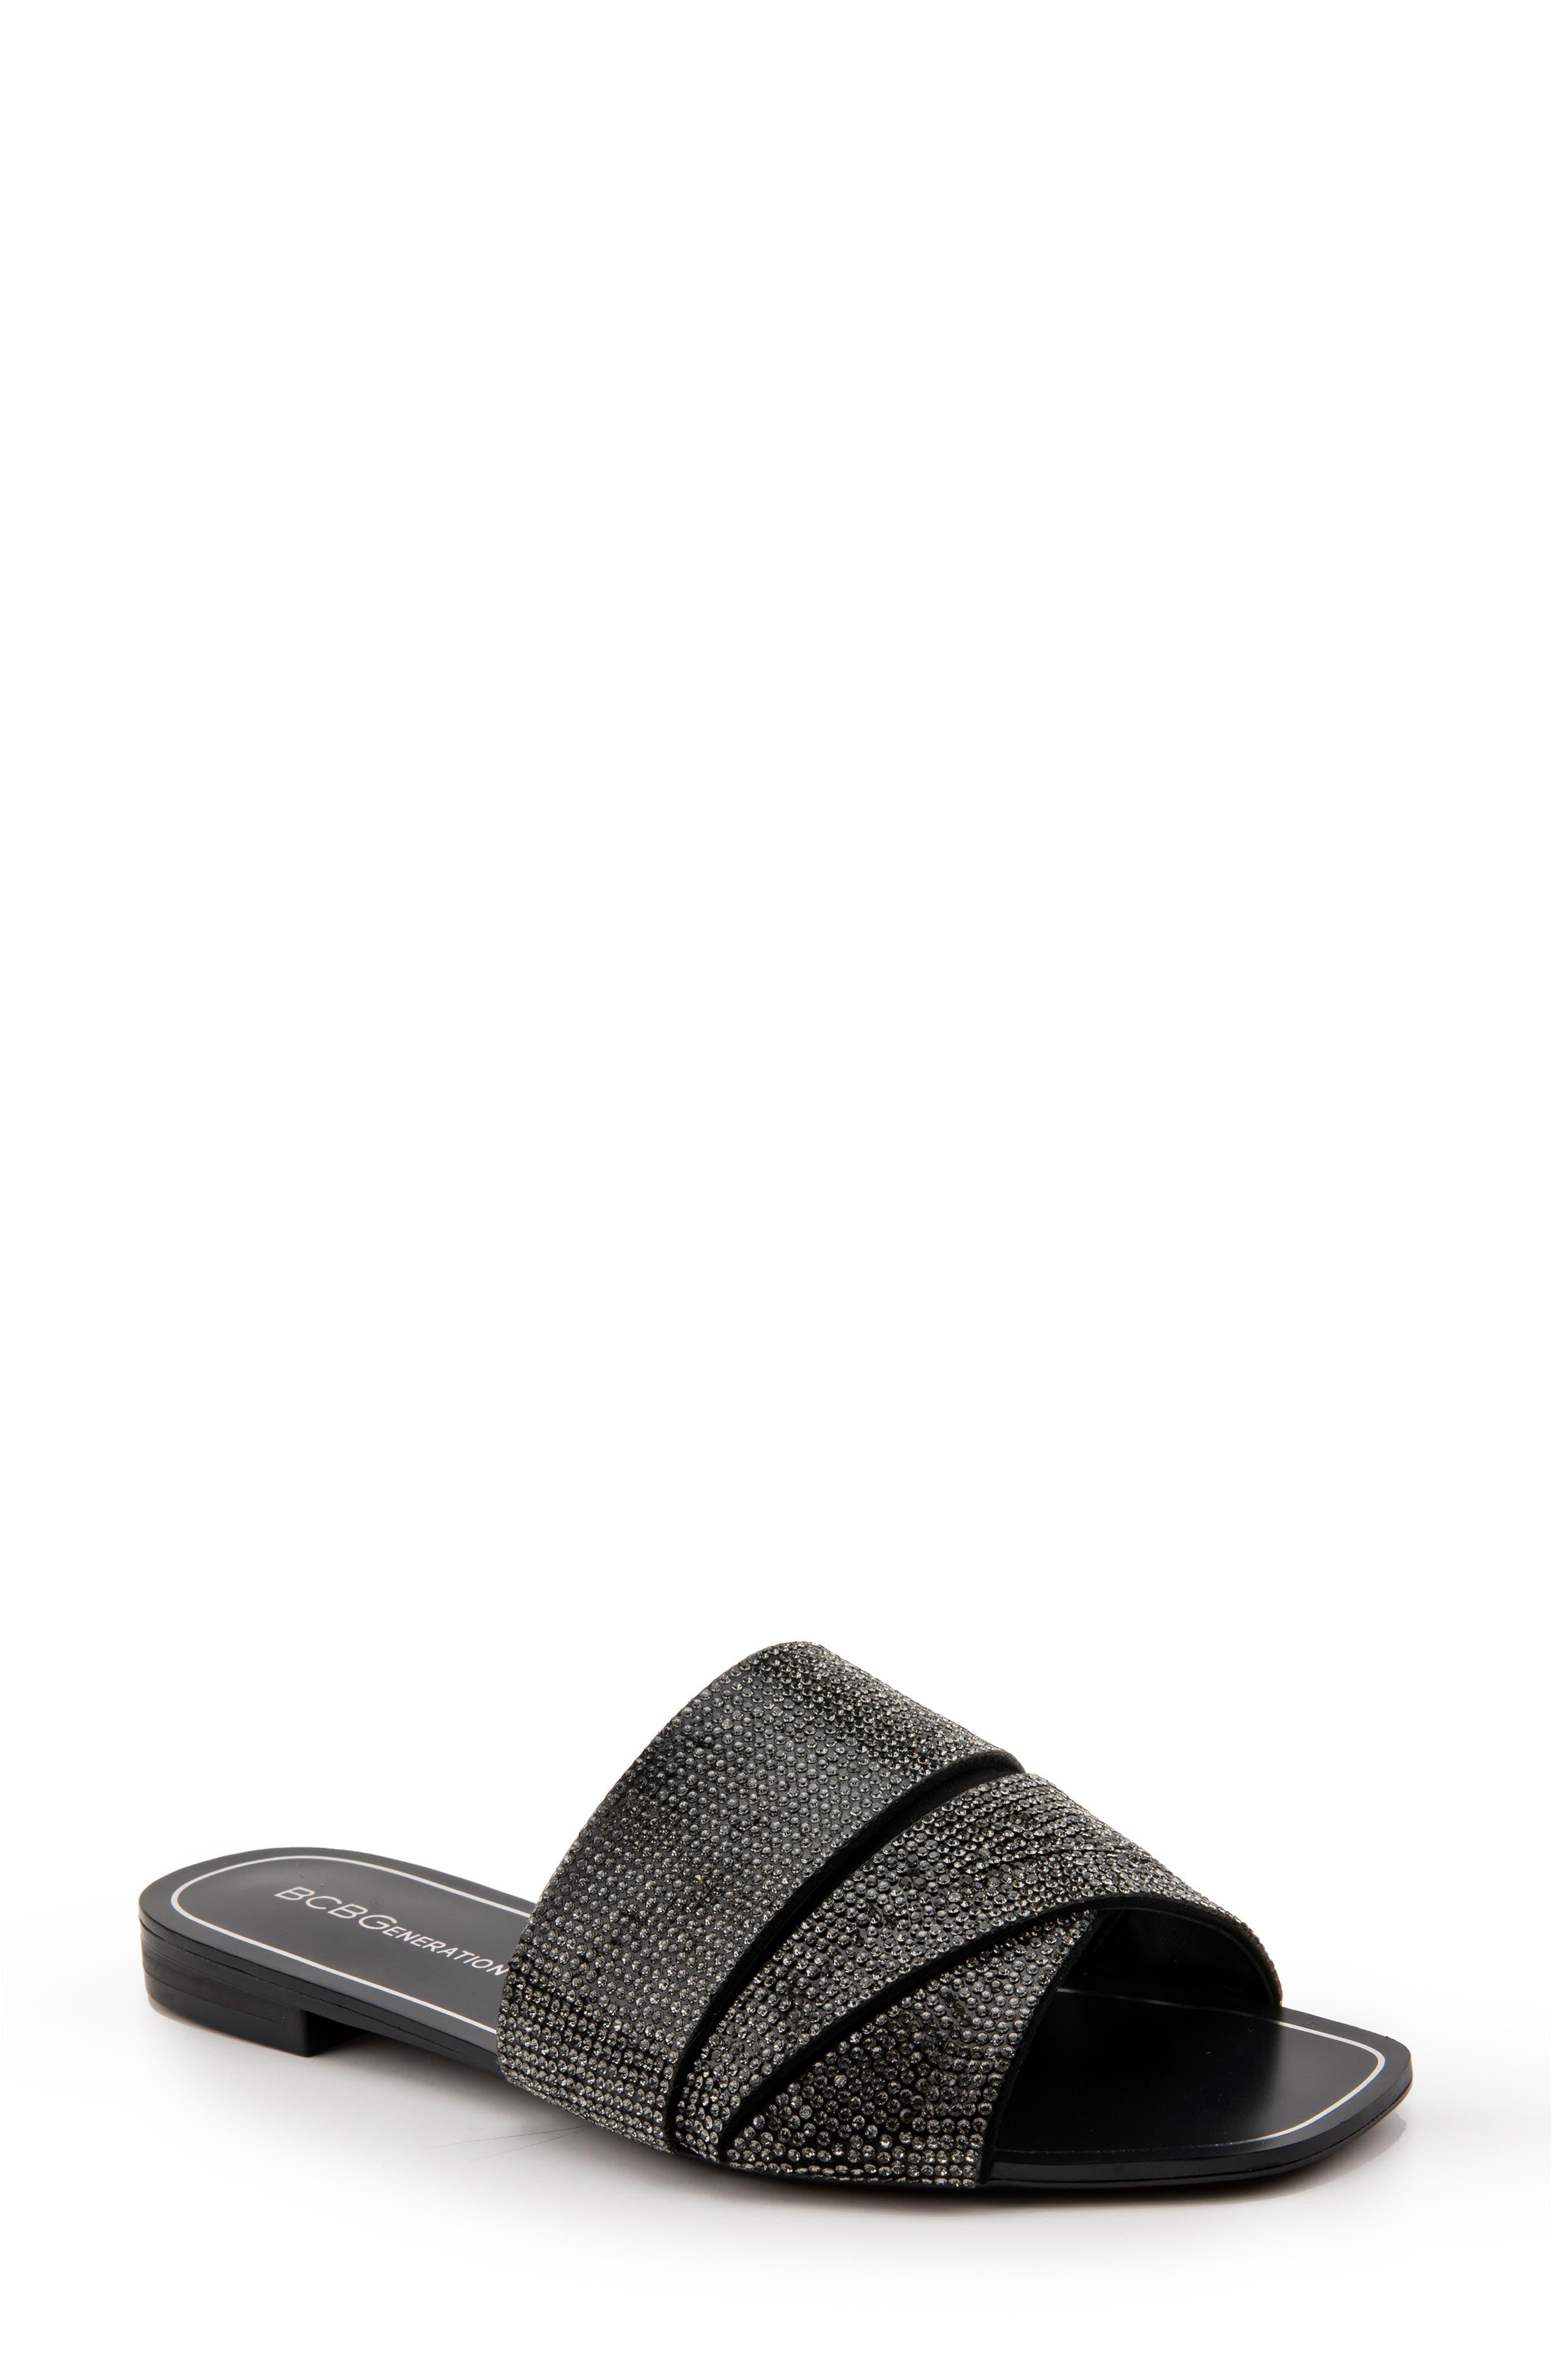 Kadence Slide Sandal